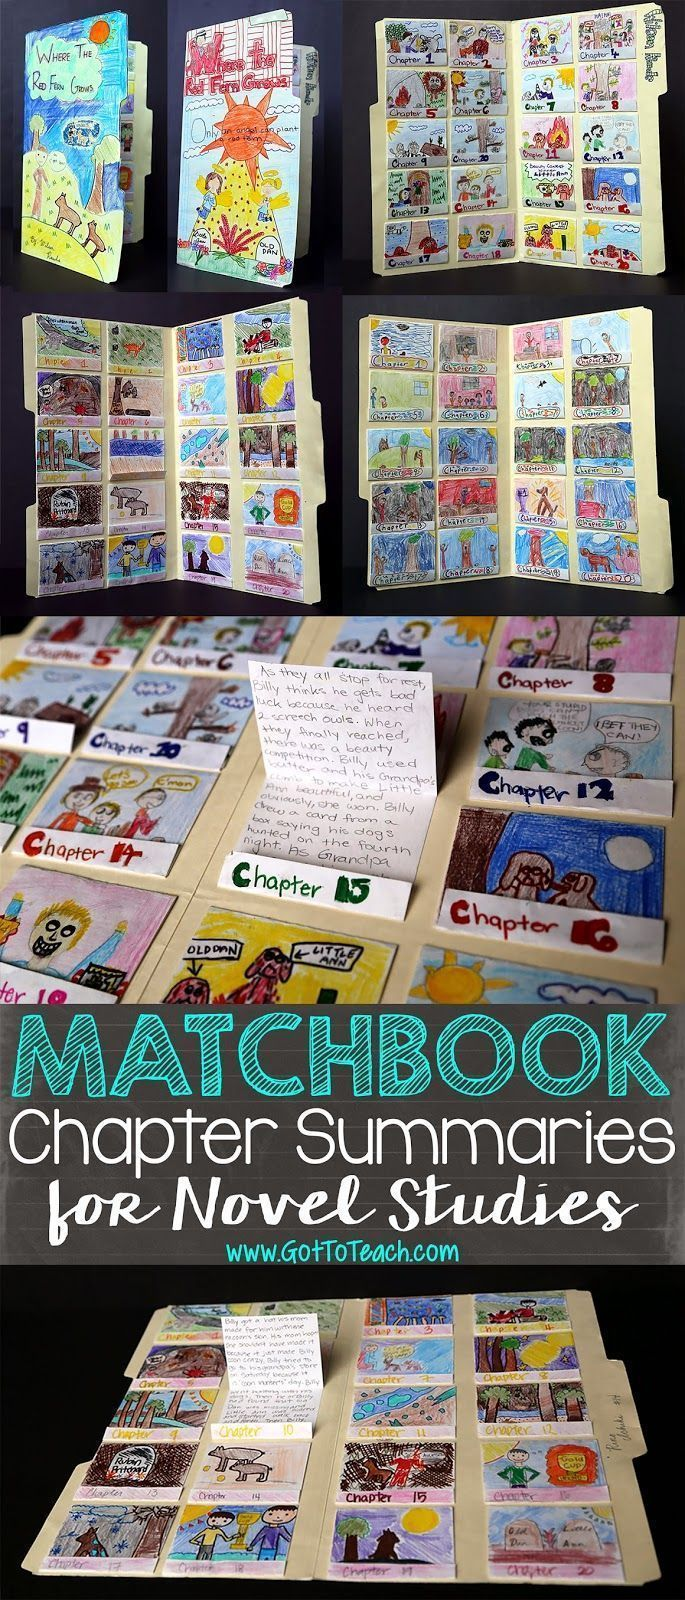 Got to Teach!: Matchbook Chapter Summaries for Novel Studies